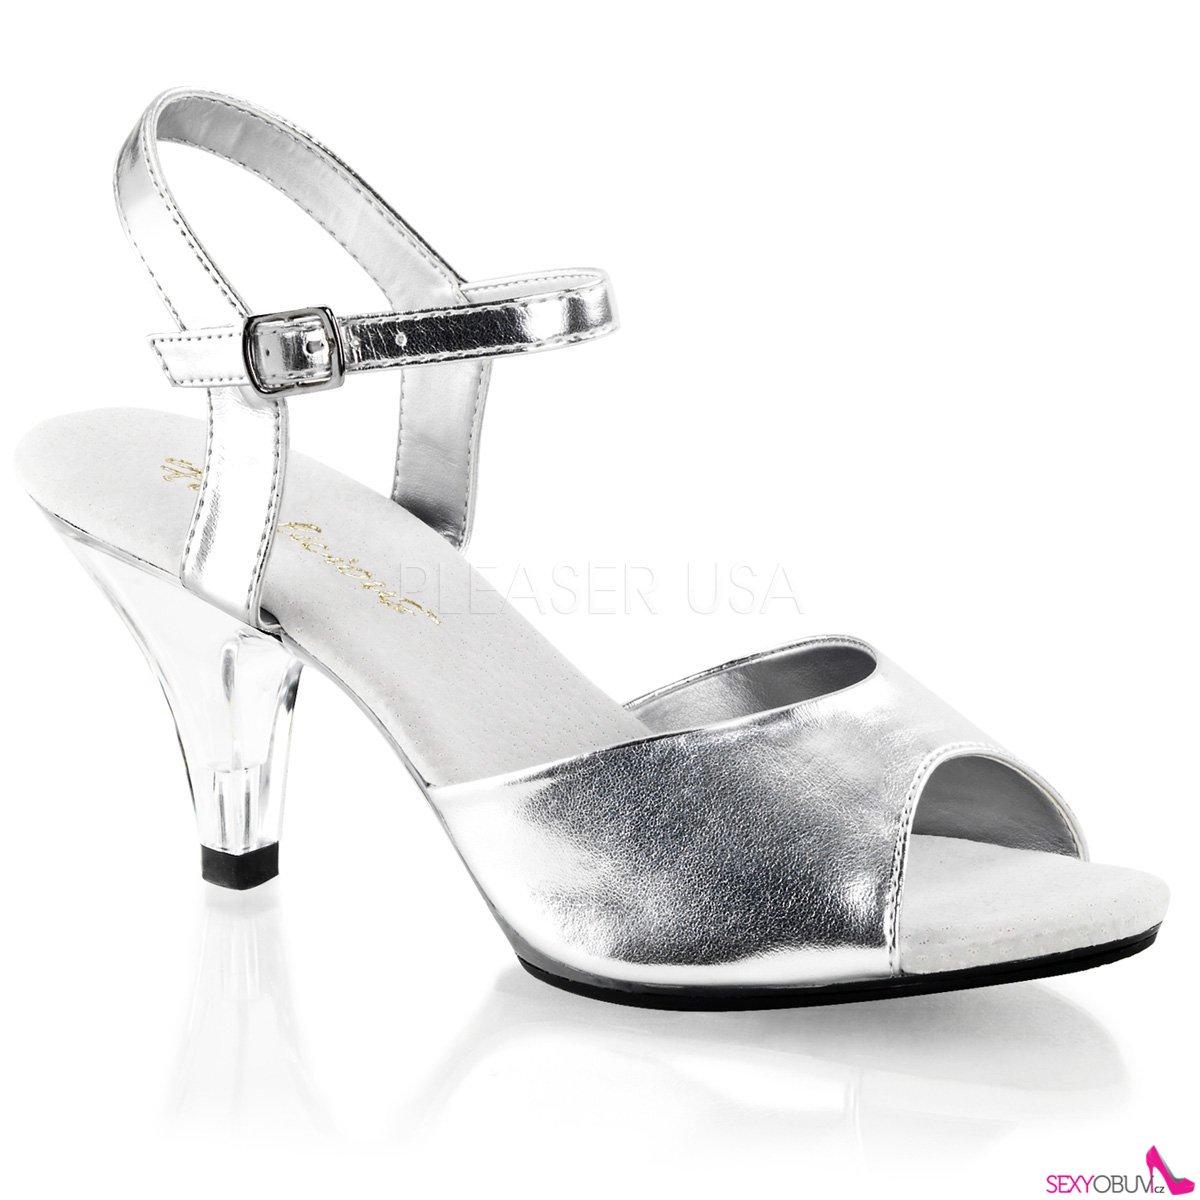 a71720e467a BELLE-309 Sandálky na nízkém podpatku